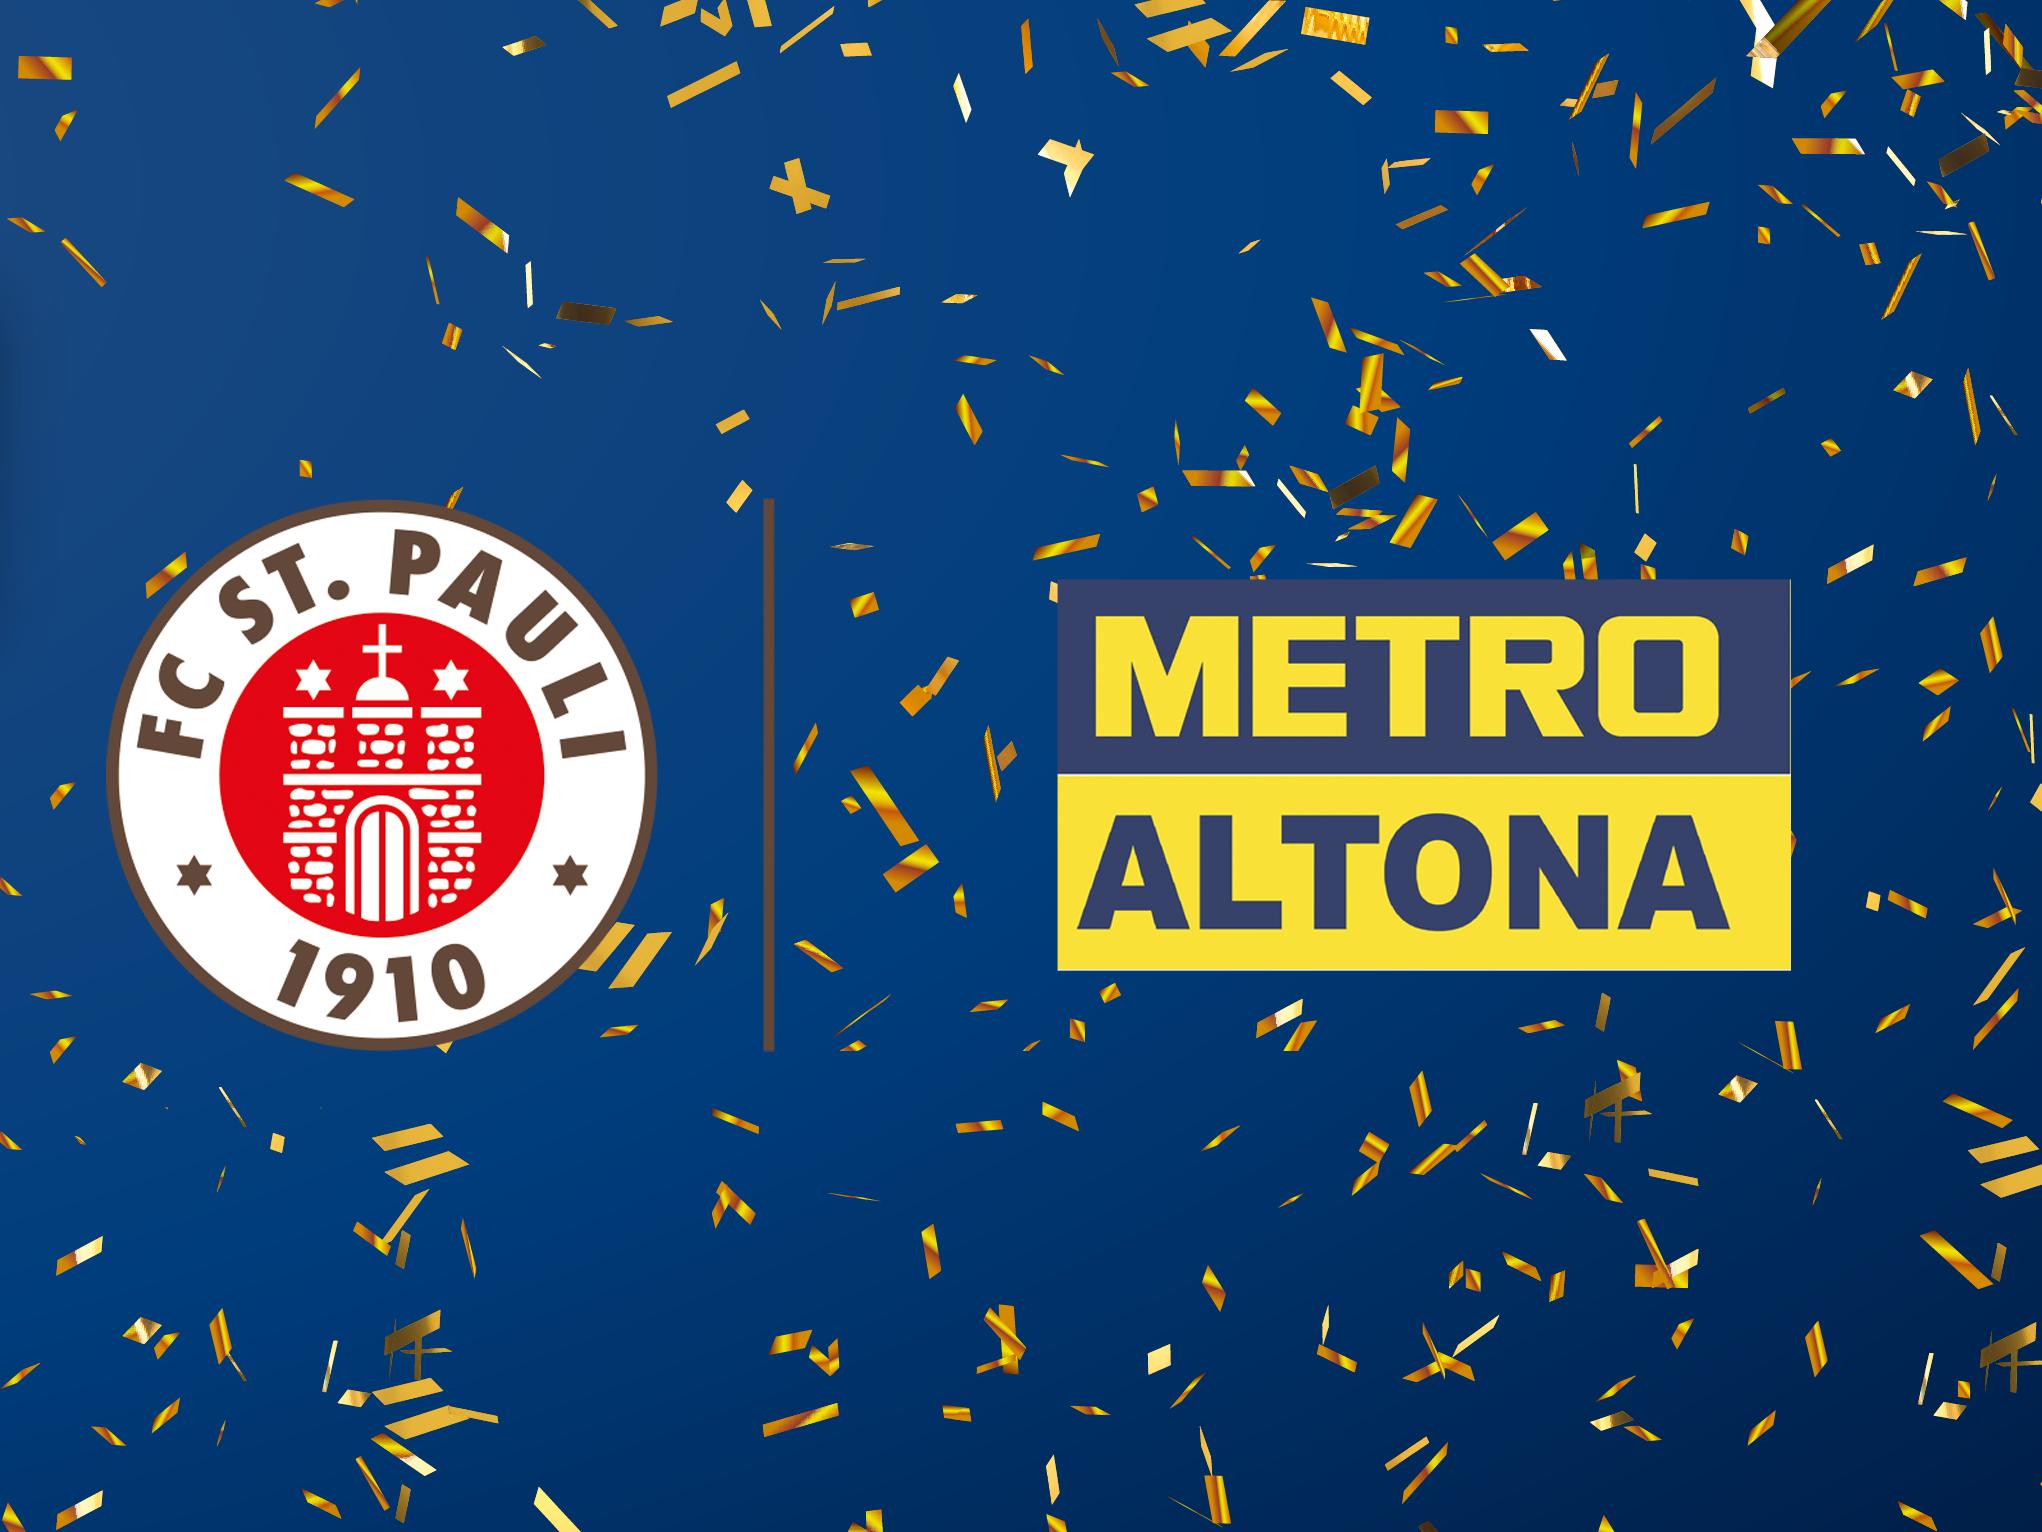 Metro Altona feiert Jubiläum